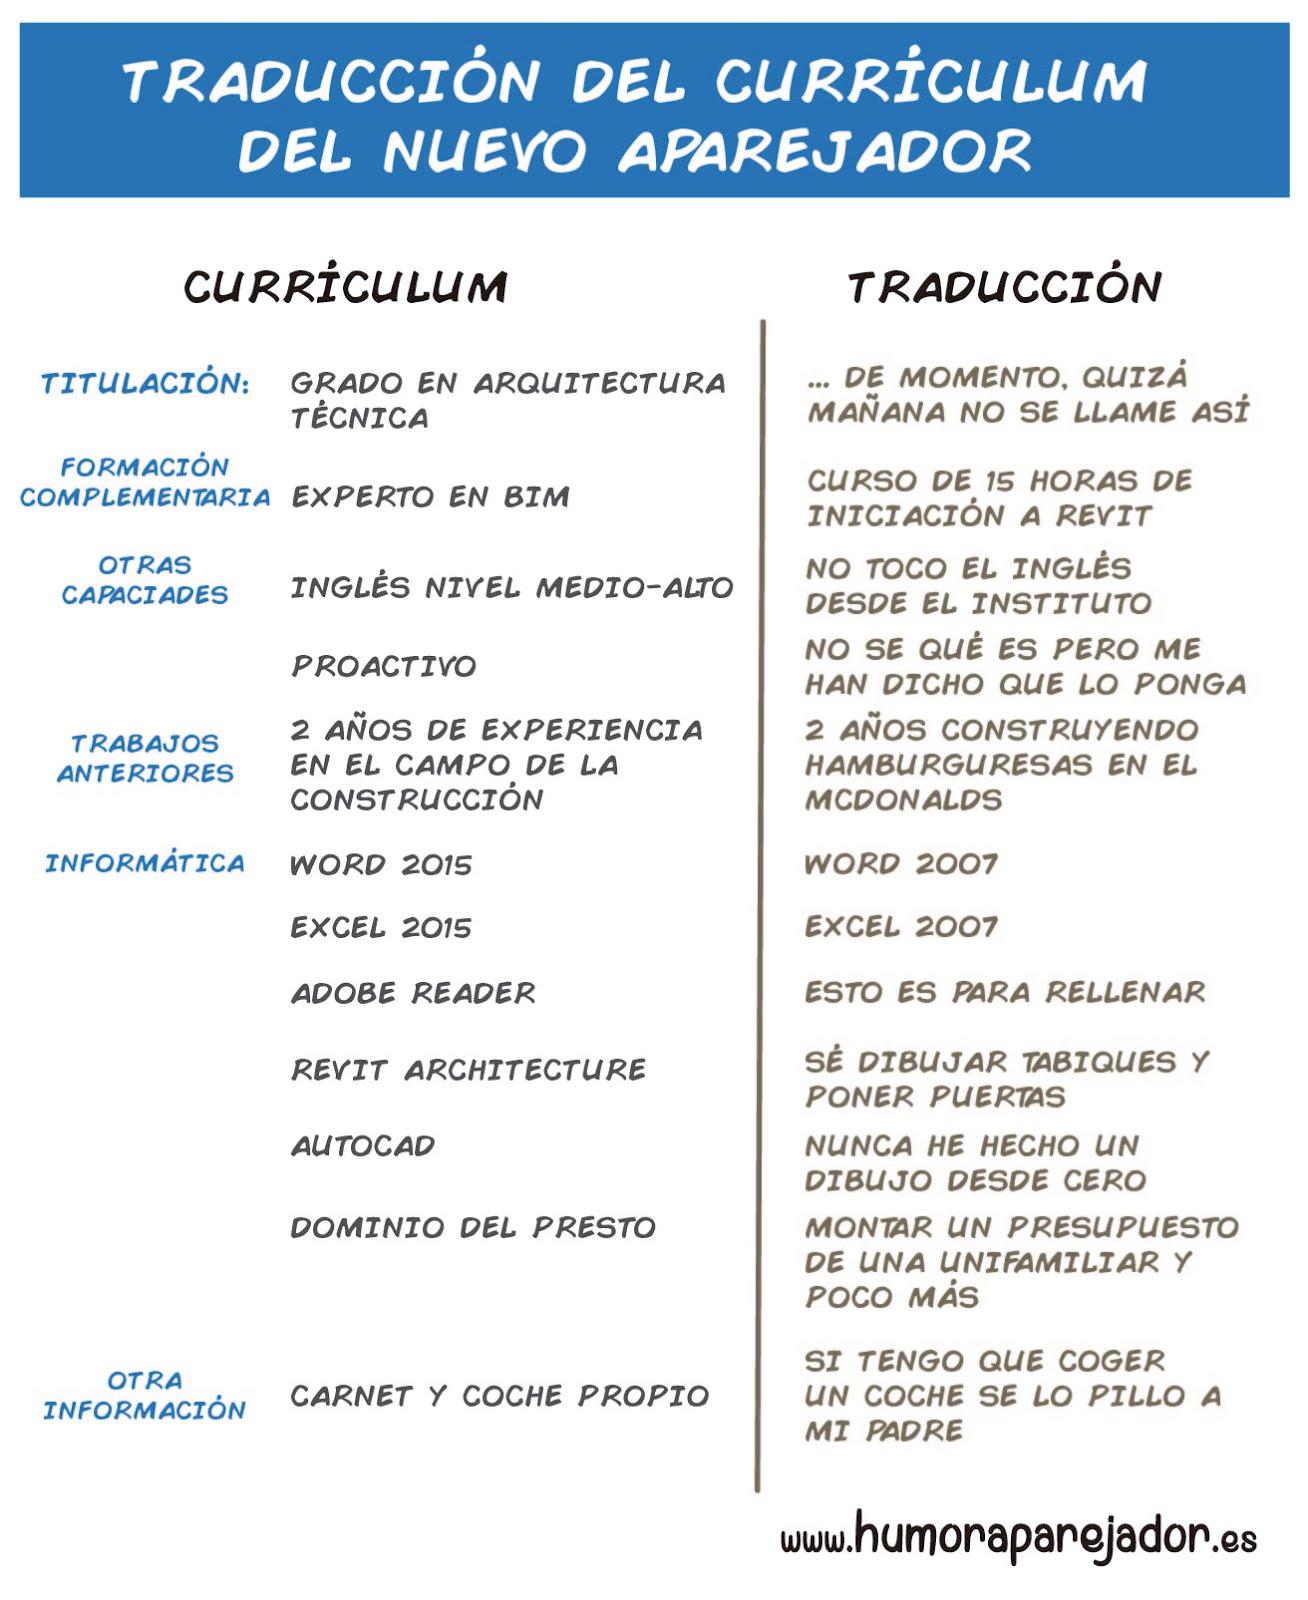 El curriculum del aparejador humor aparejador for Curriculum arquitecto